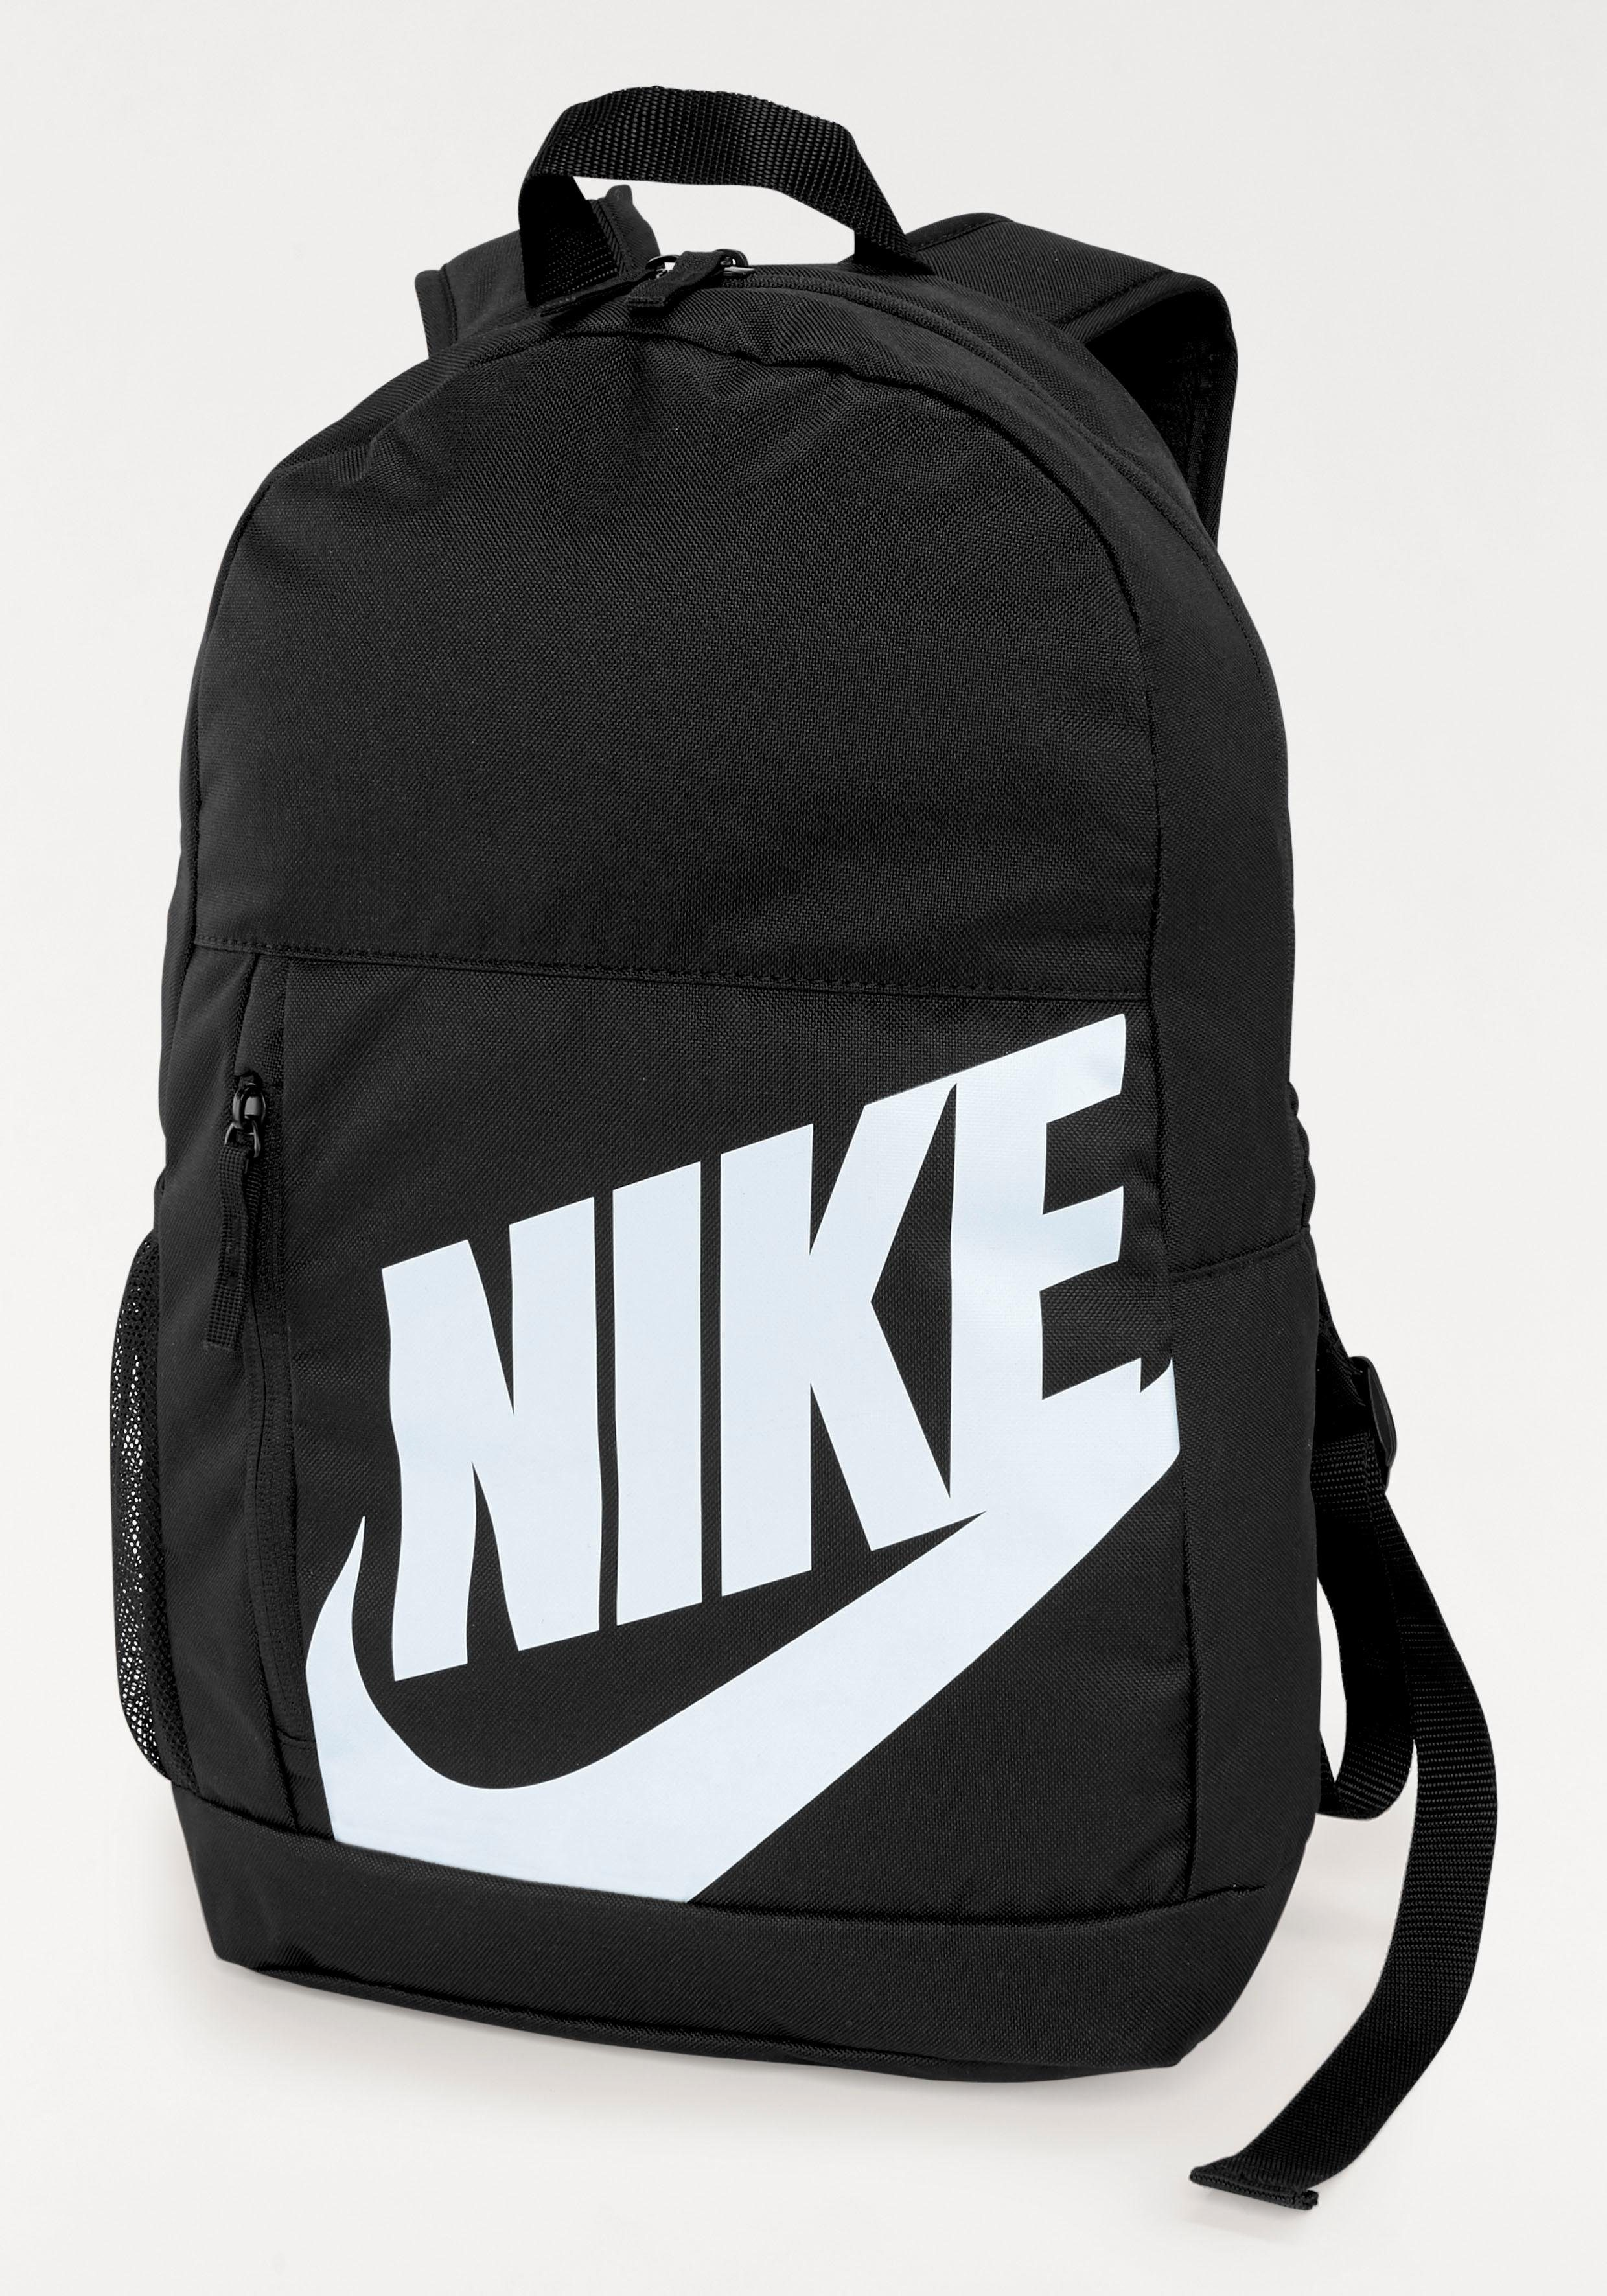 Nike Sportswear Sportrucksack »YOUTH NIKE ELEMENTAL BACKPACK«, Für Kinder online kaufen | OTTO